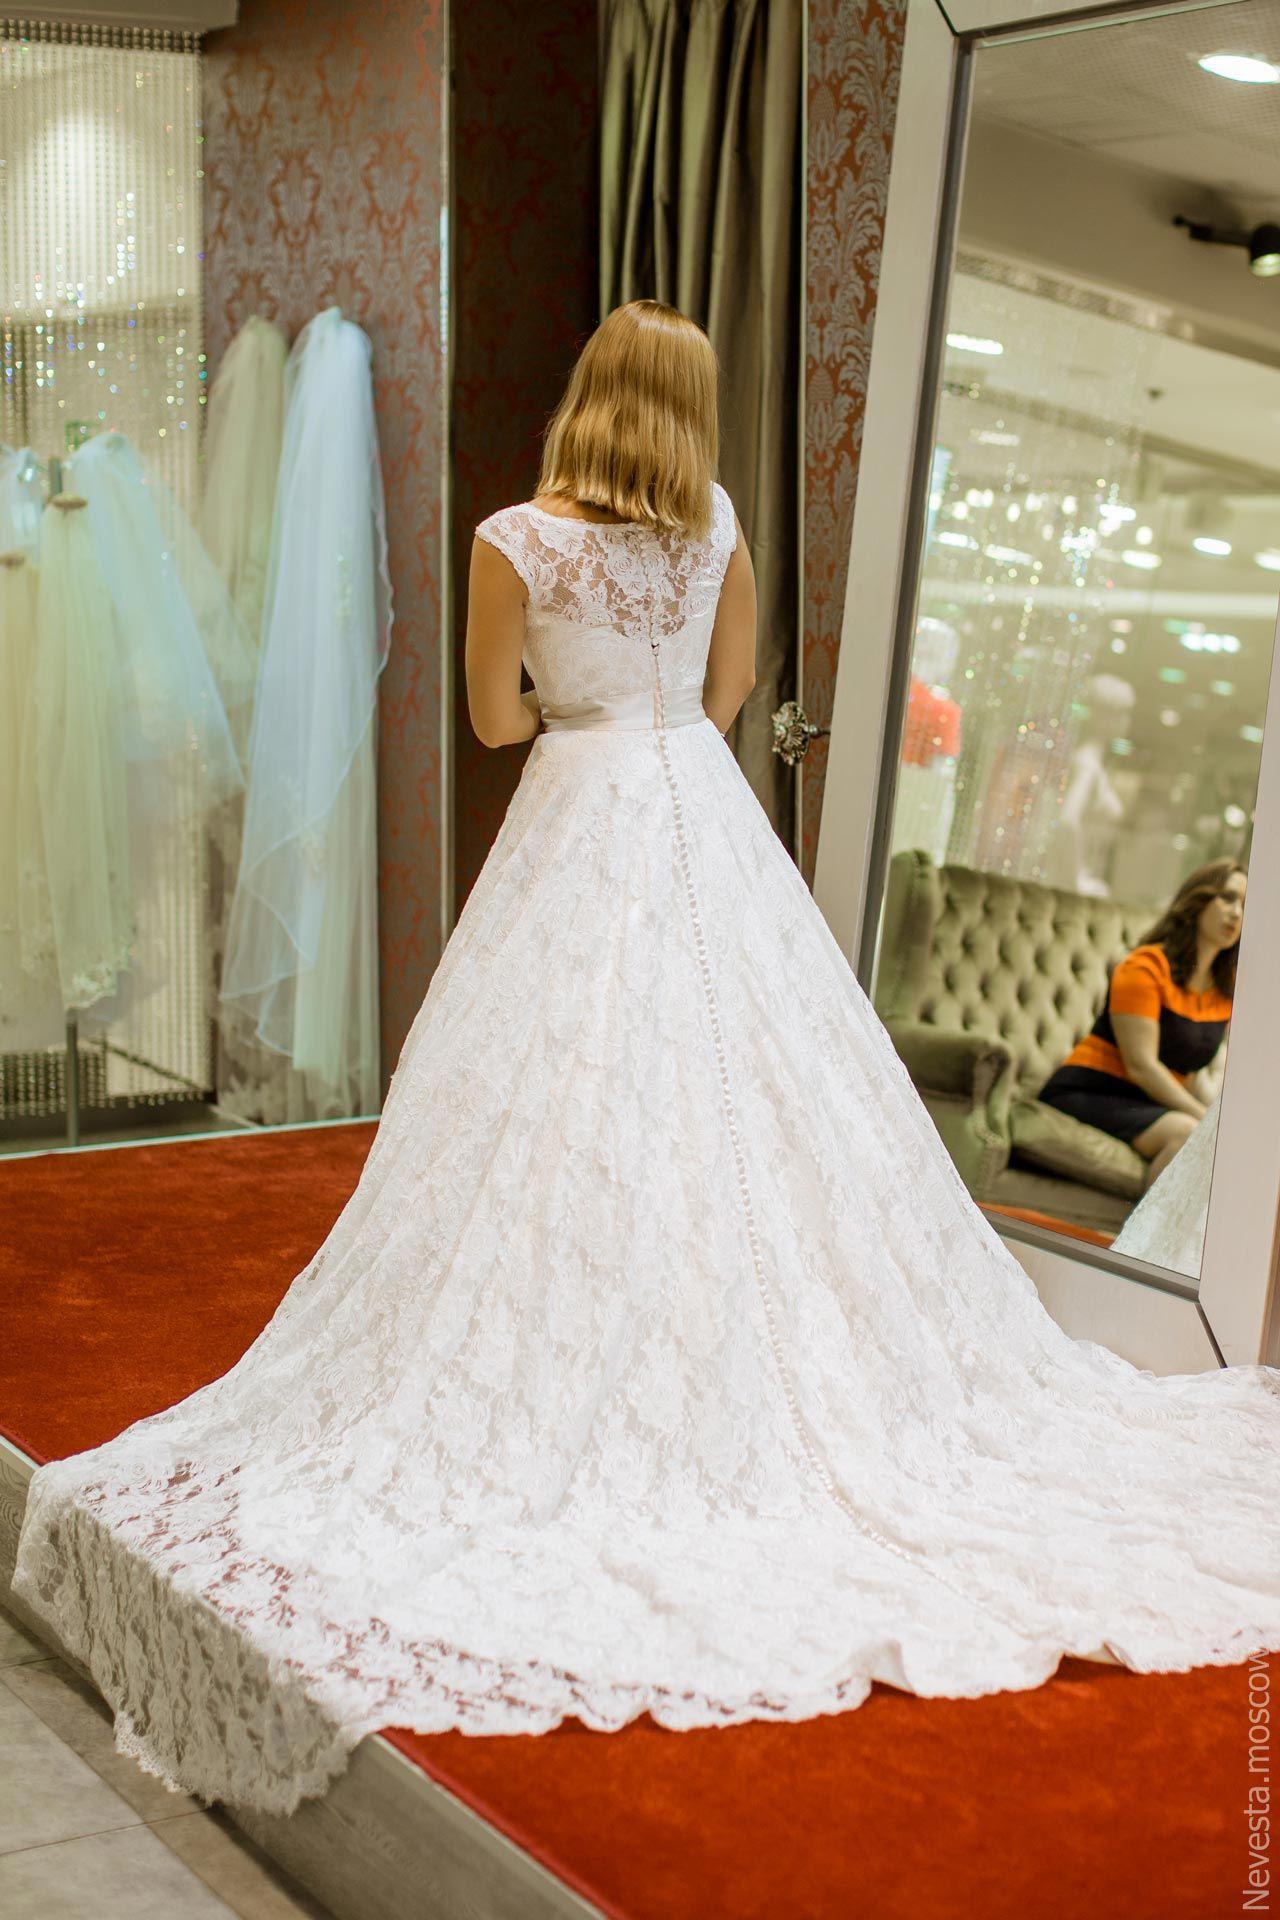 Карина Мишулина, подготовка к свадьбе, фото 5